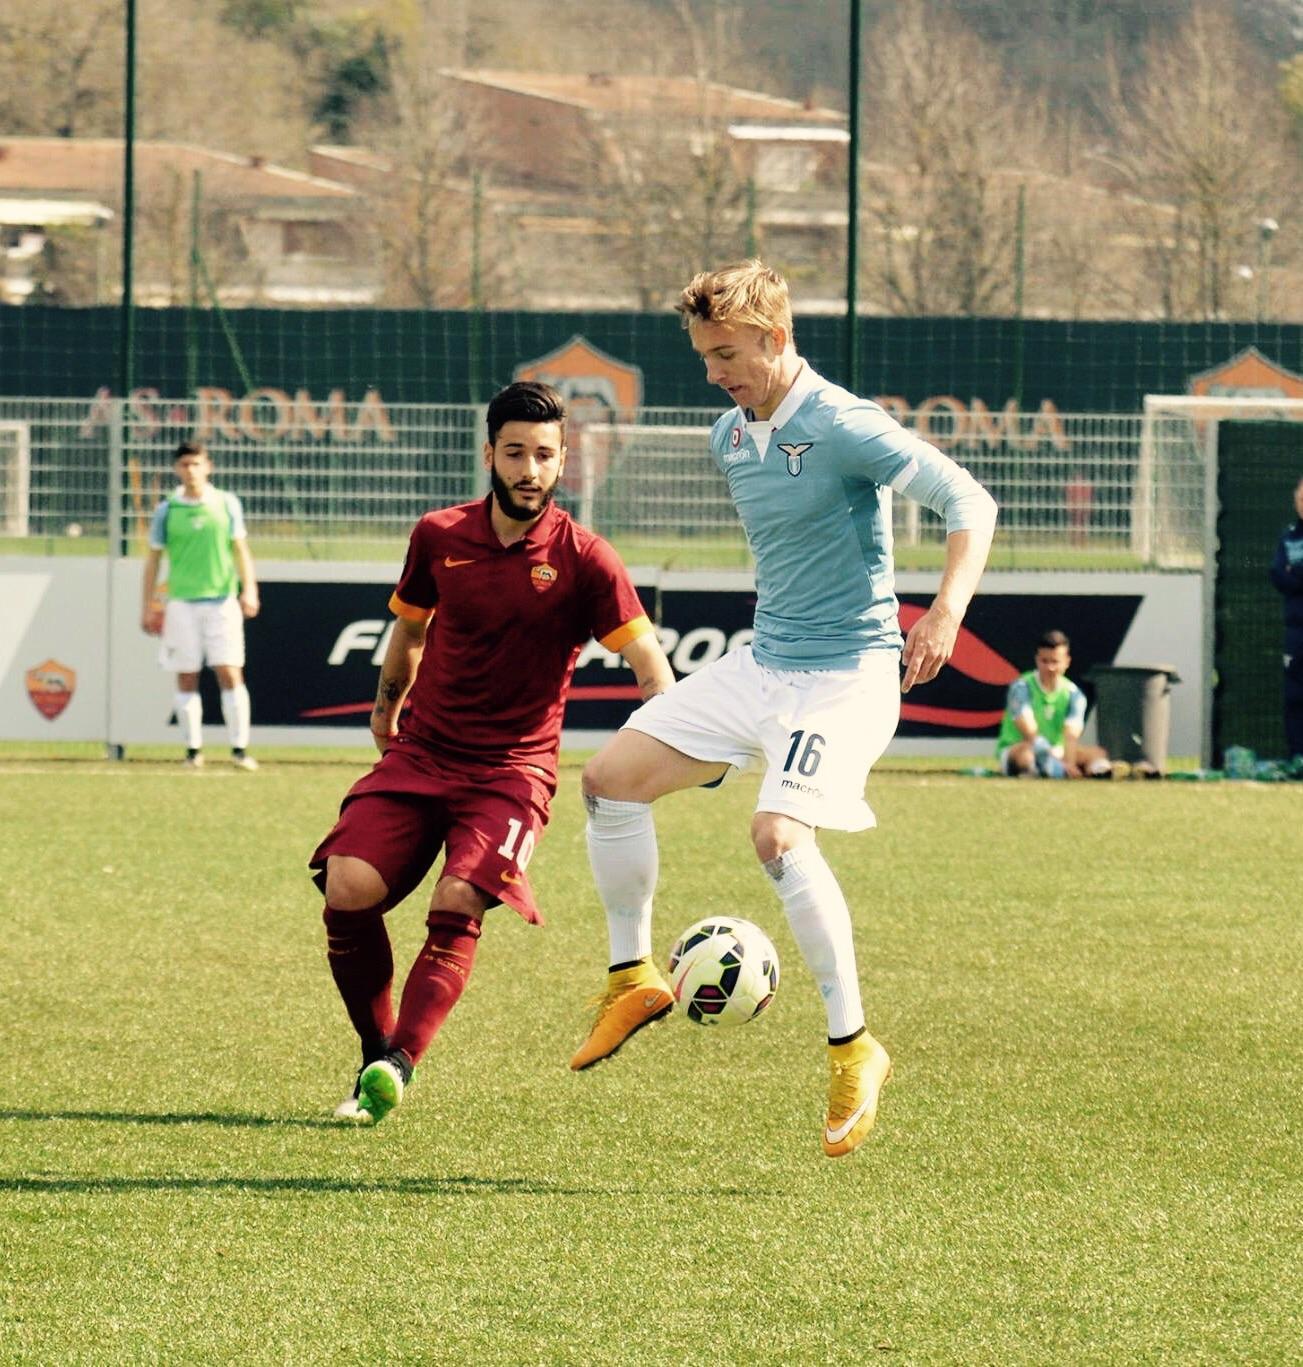 Michał Borecki: un dotato calciatore polacco nella Primavera della Lazio